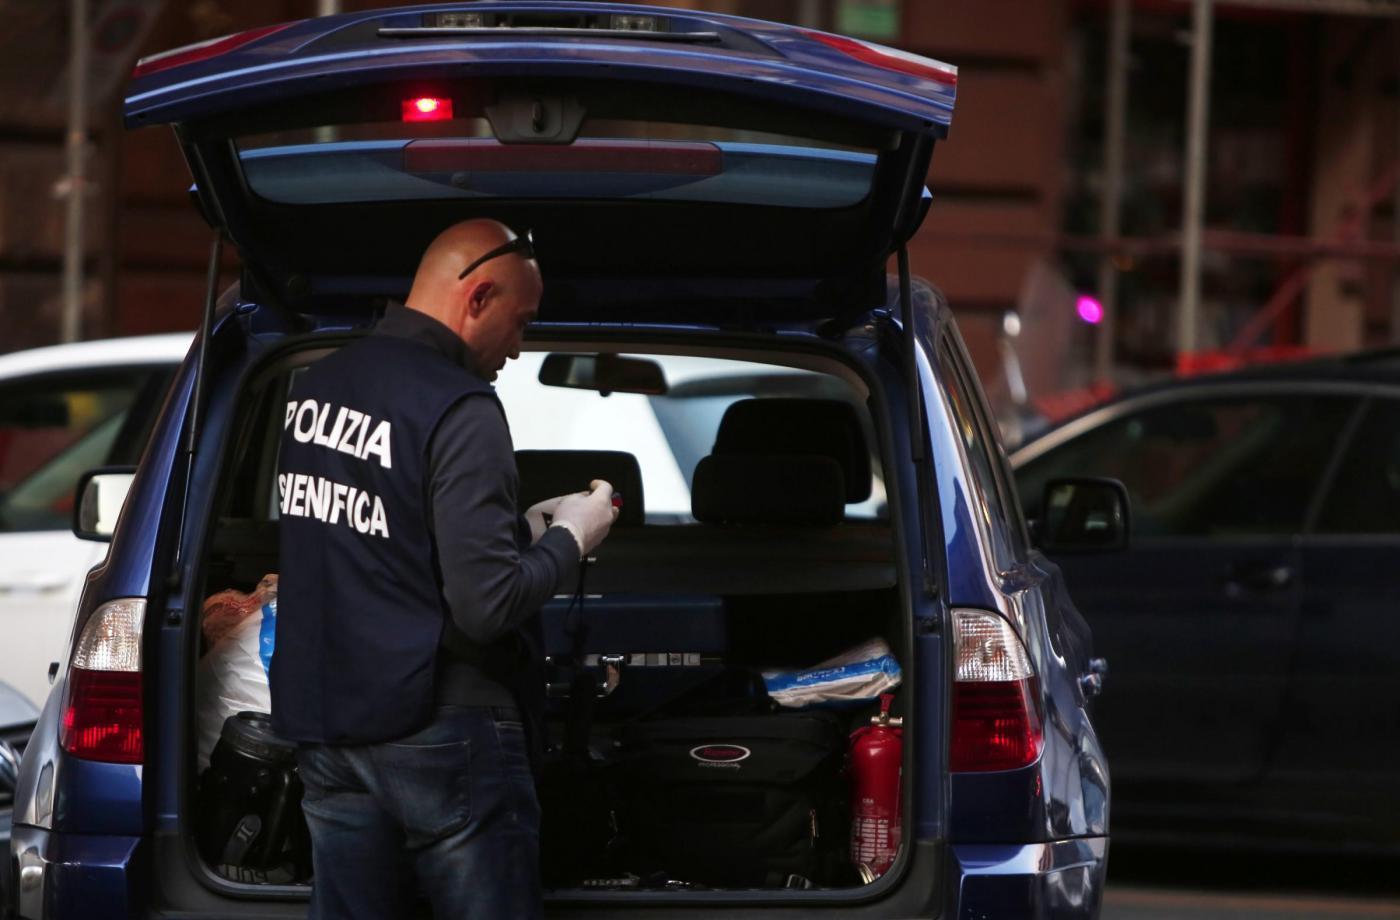 Arrestato per stupro si butta dalla finestra del commissariato e muore4 blitz quotidiano - Si butta dalla finestra milano ...